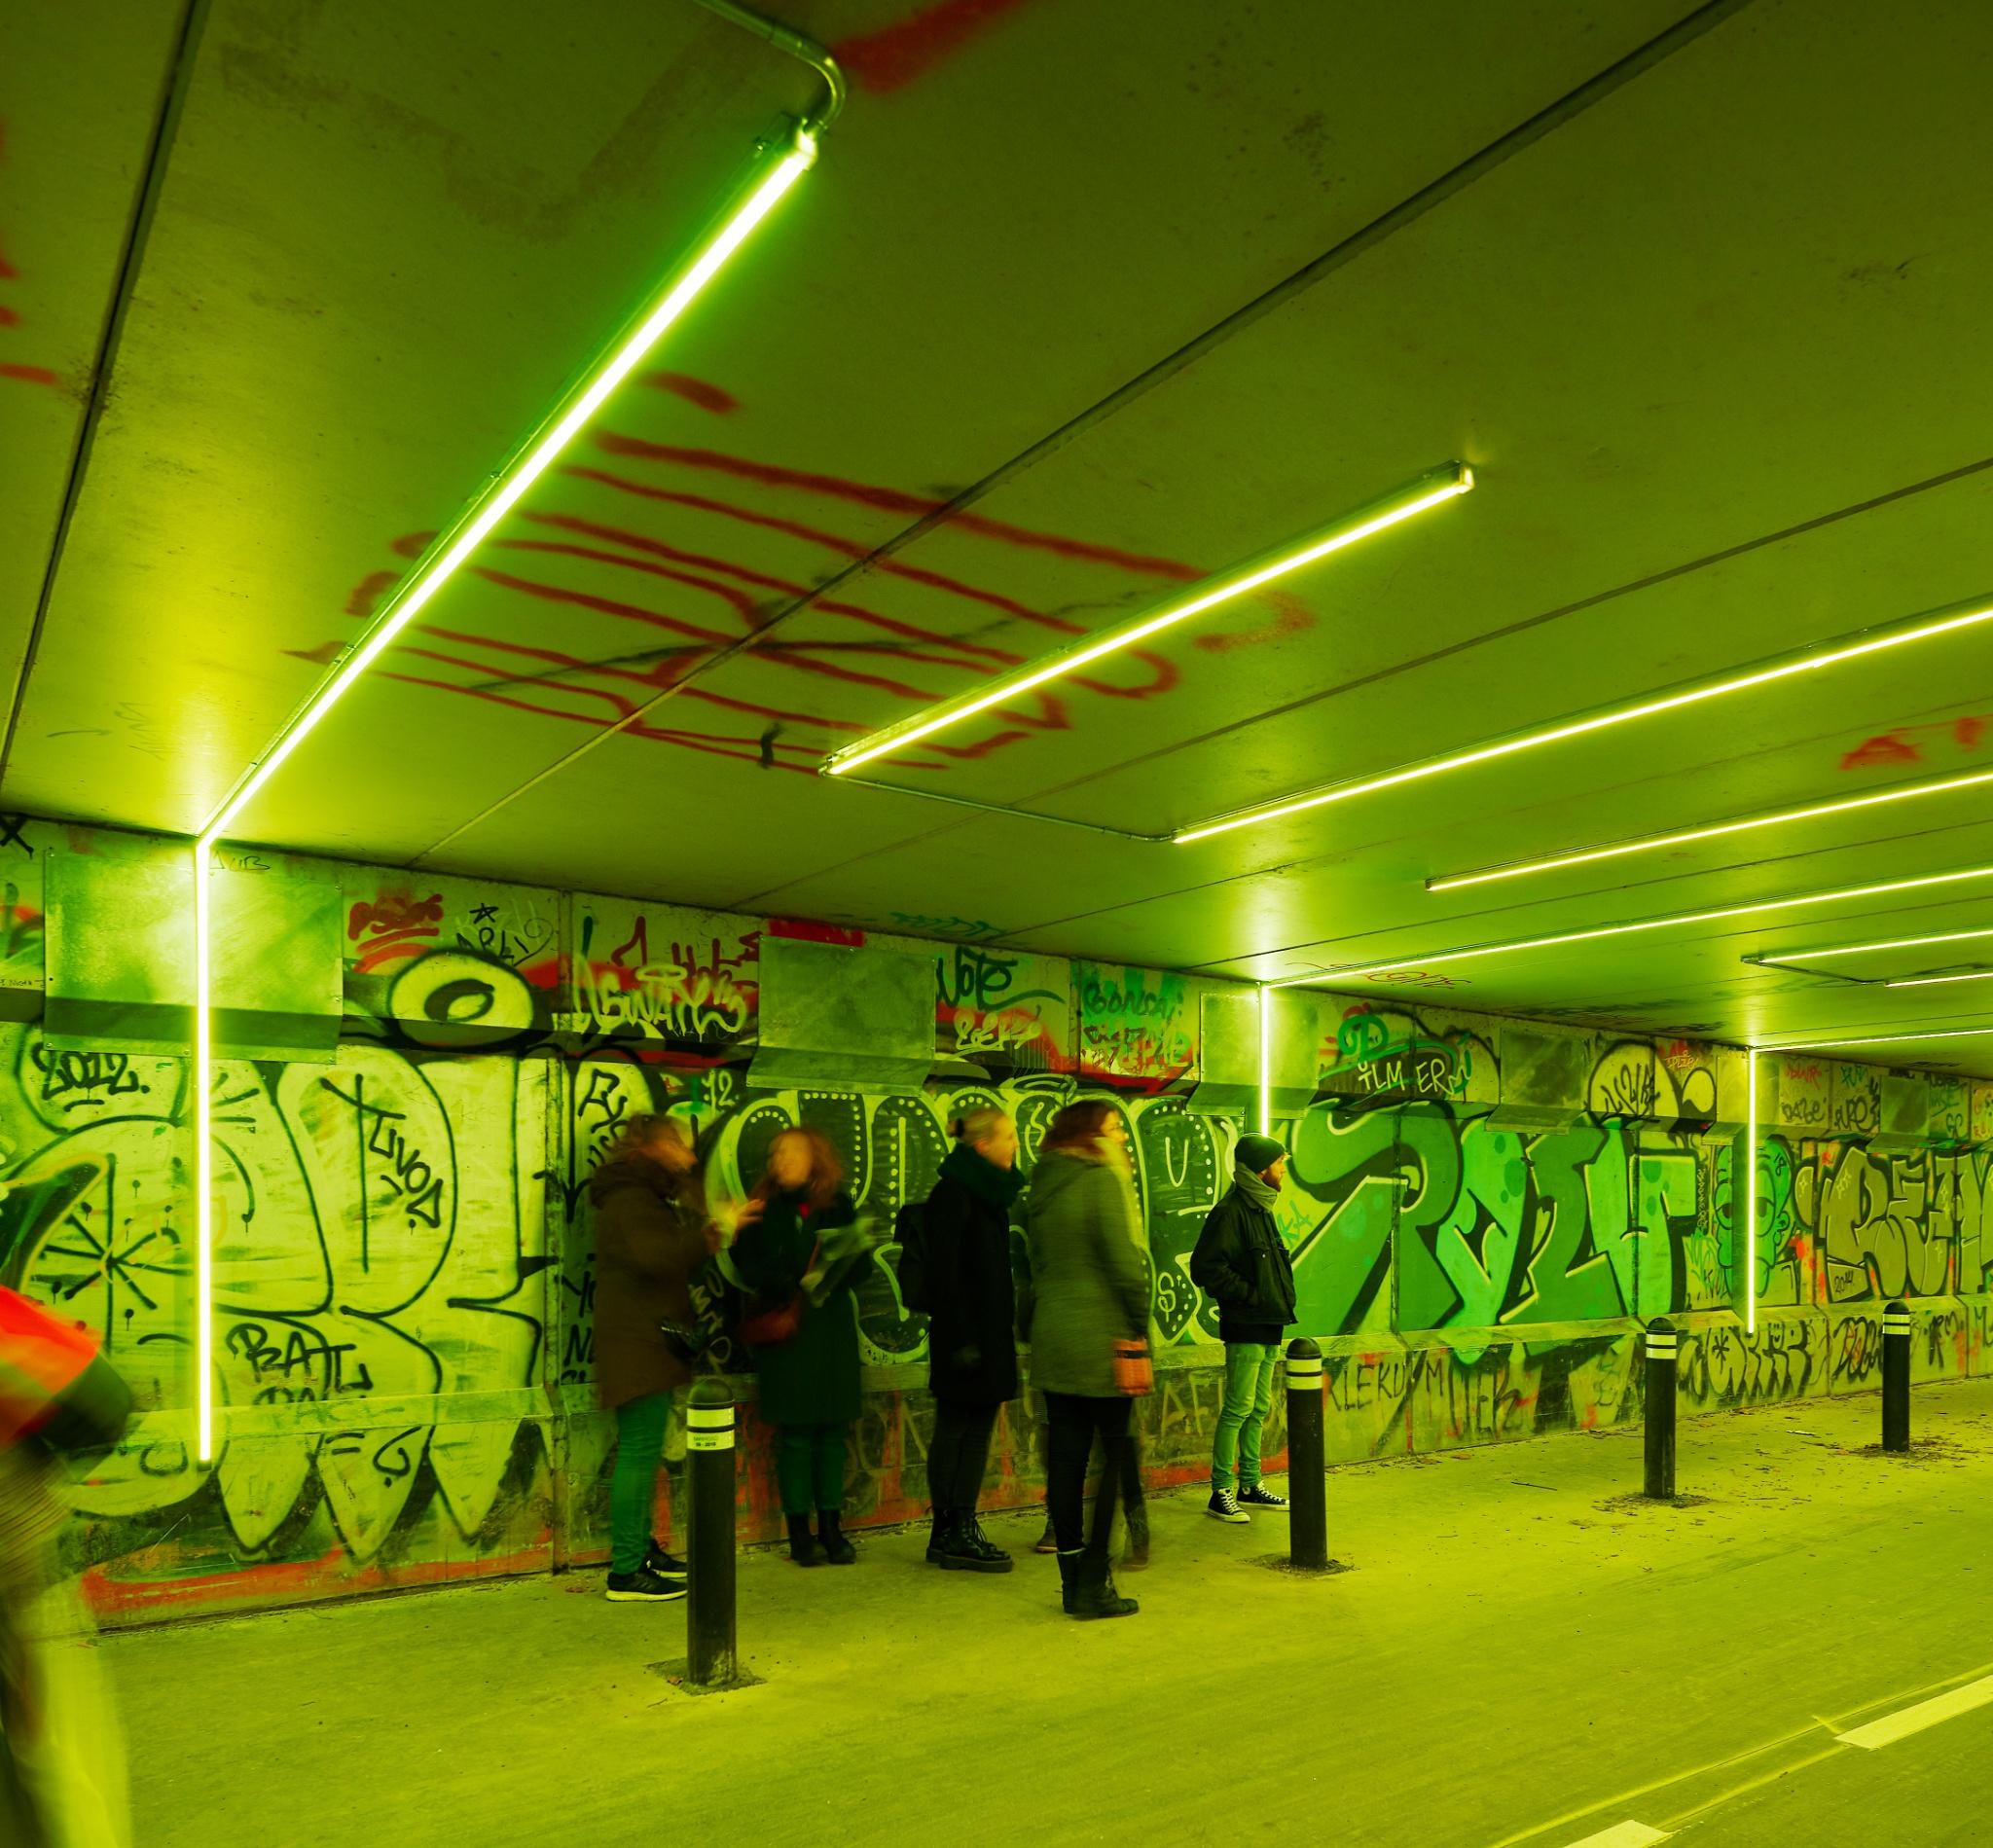 Interaktivt lys øger trygheden i byer — bygherre kan selv ændre farverne